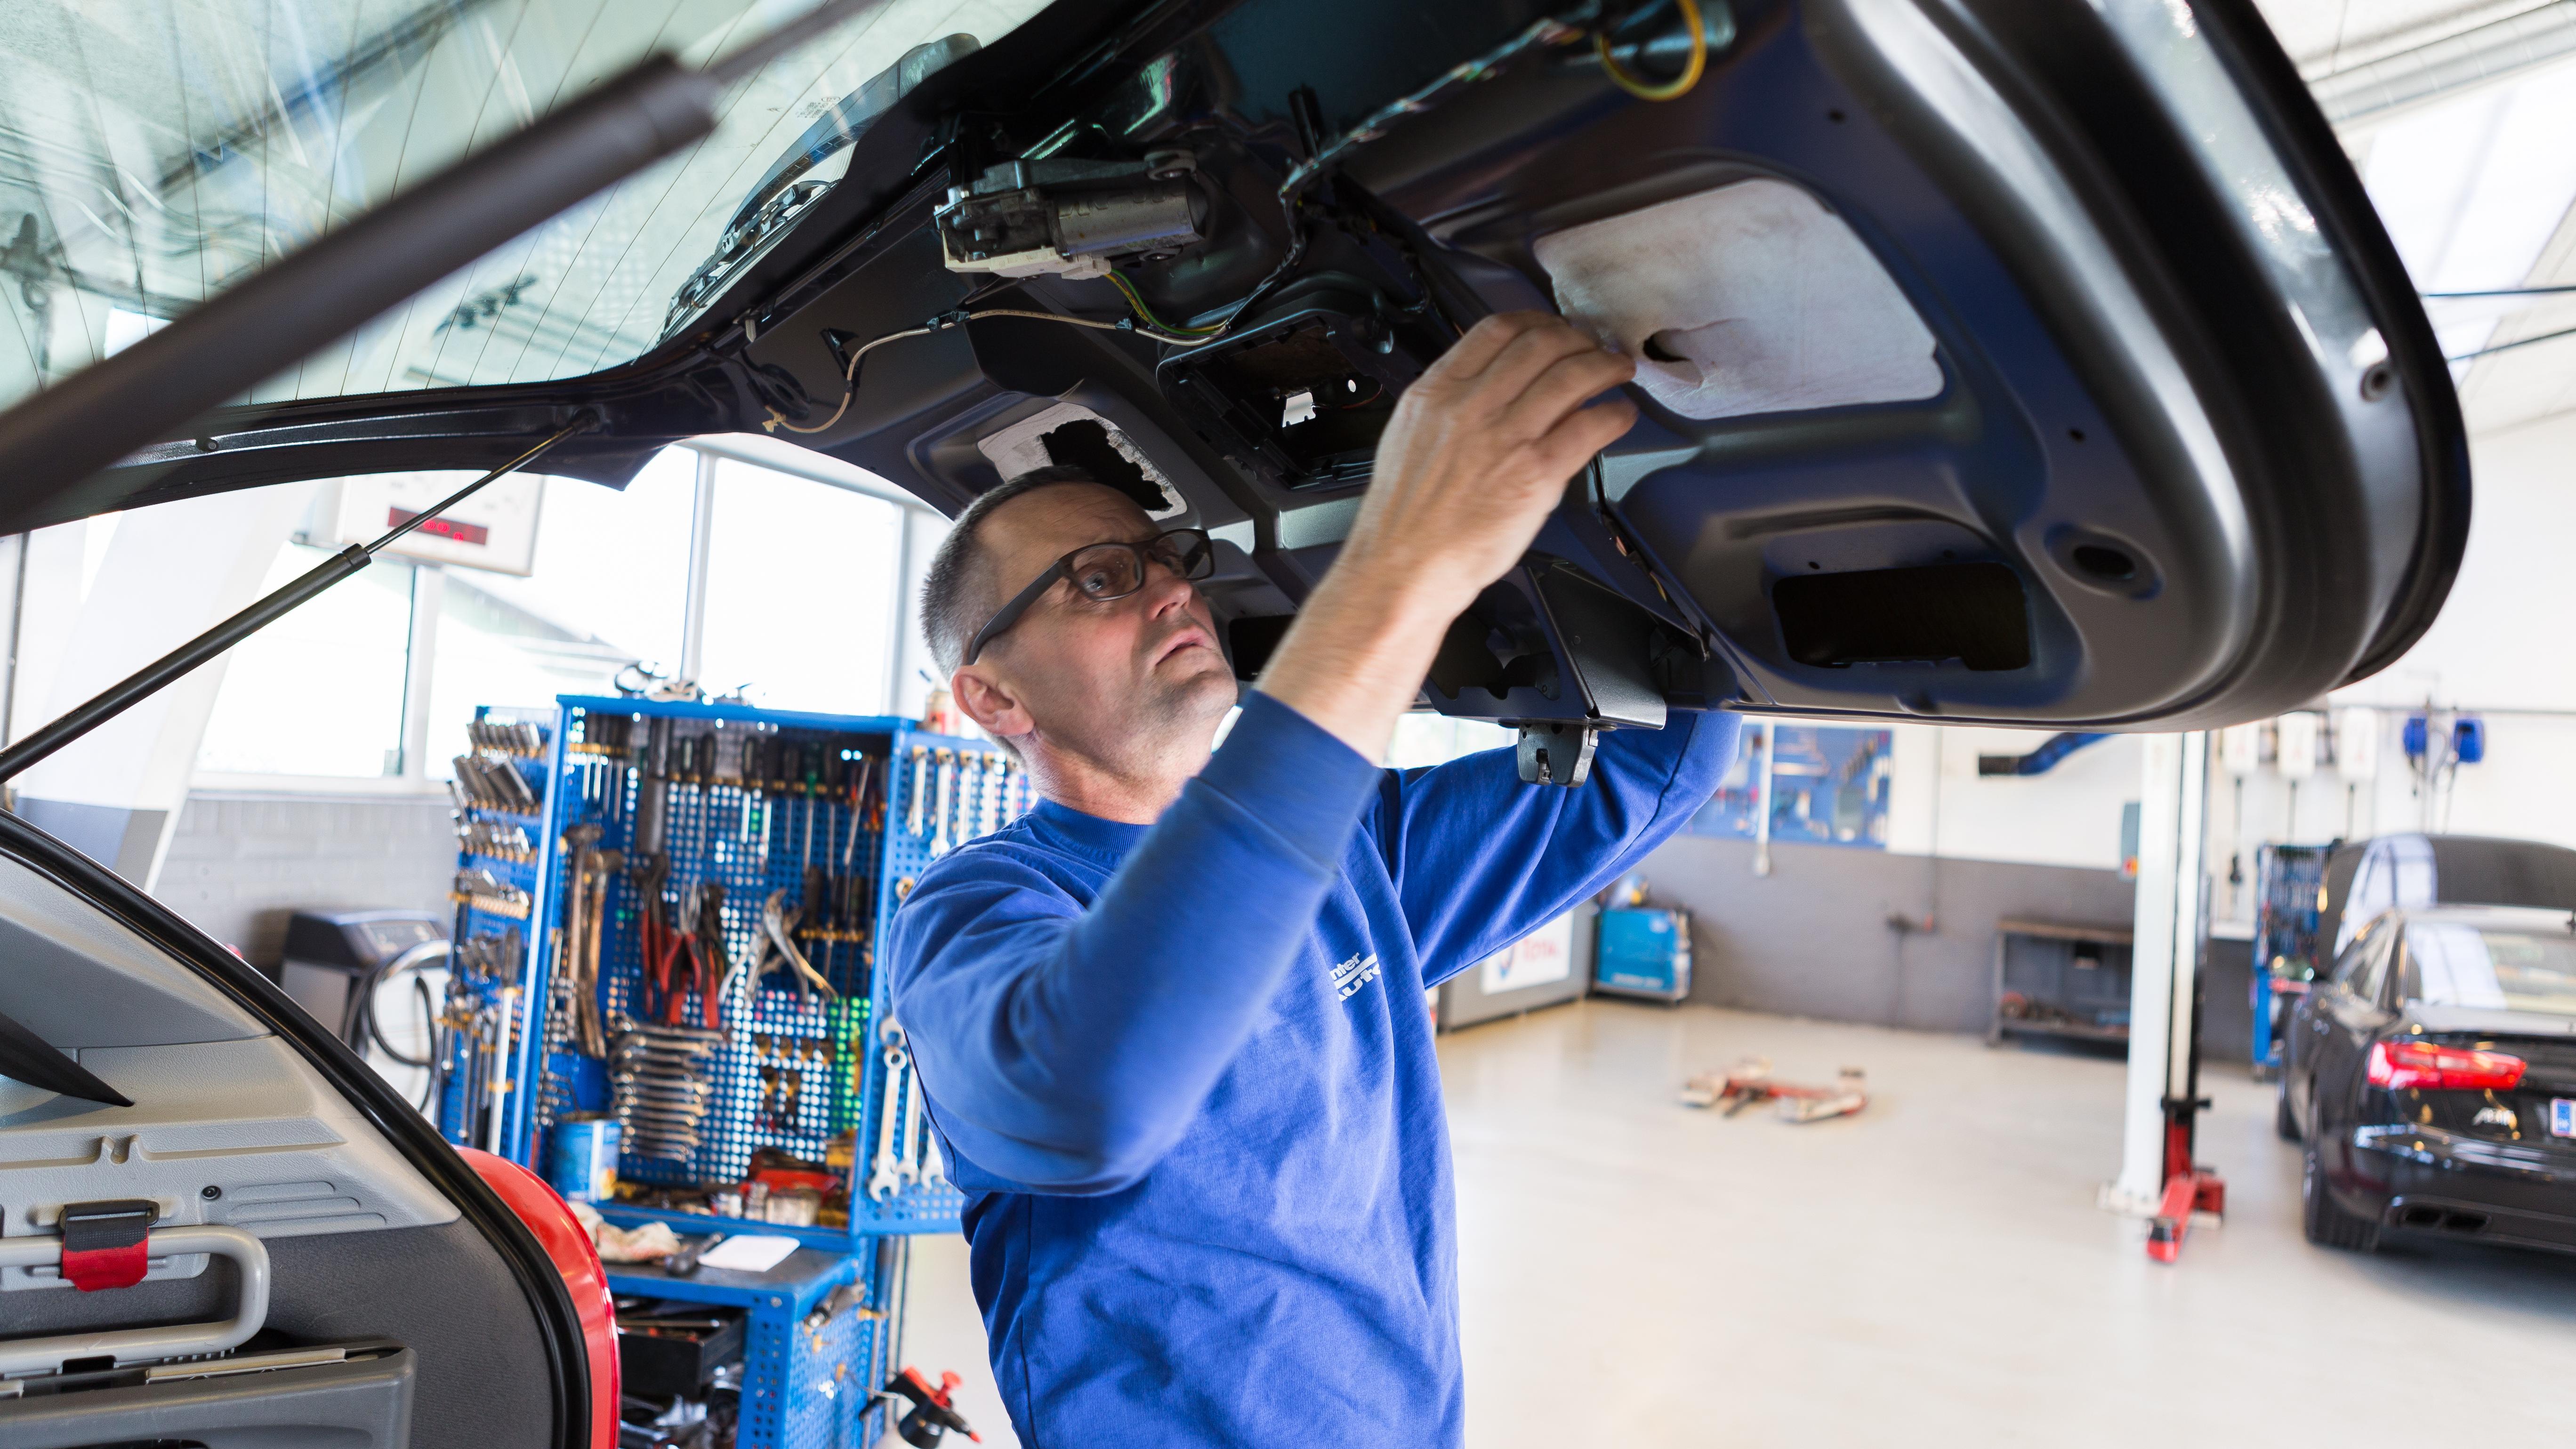 jørgen mekaniker autoværksted autoreparation